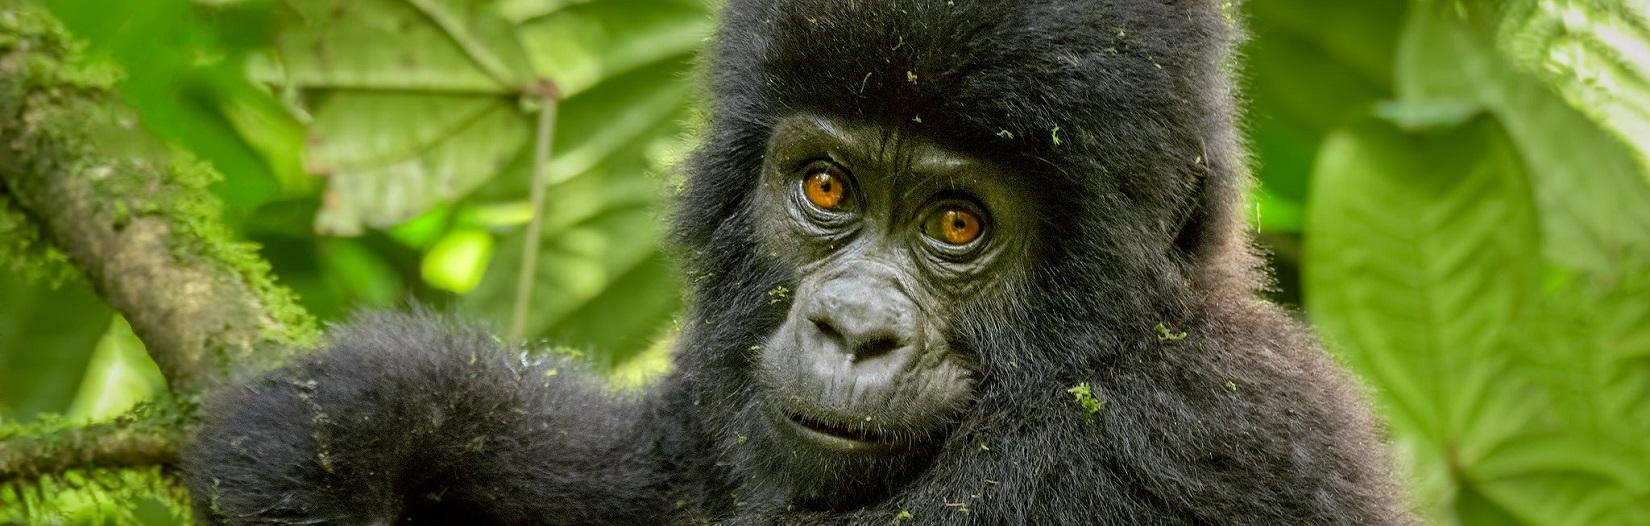 Rwanda gorilla tours